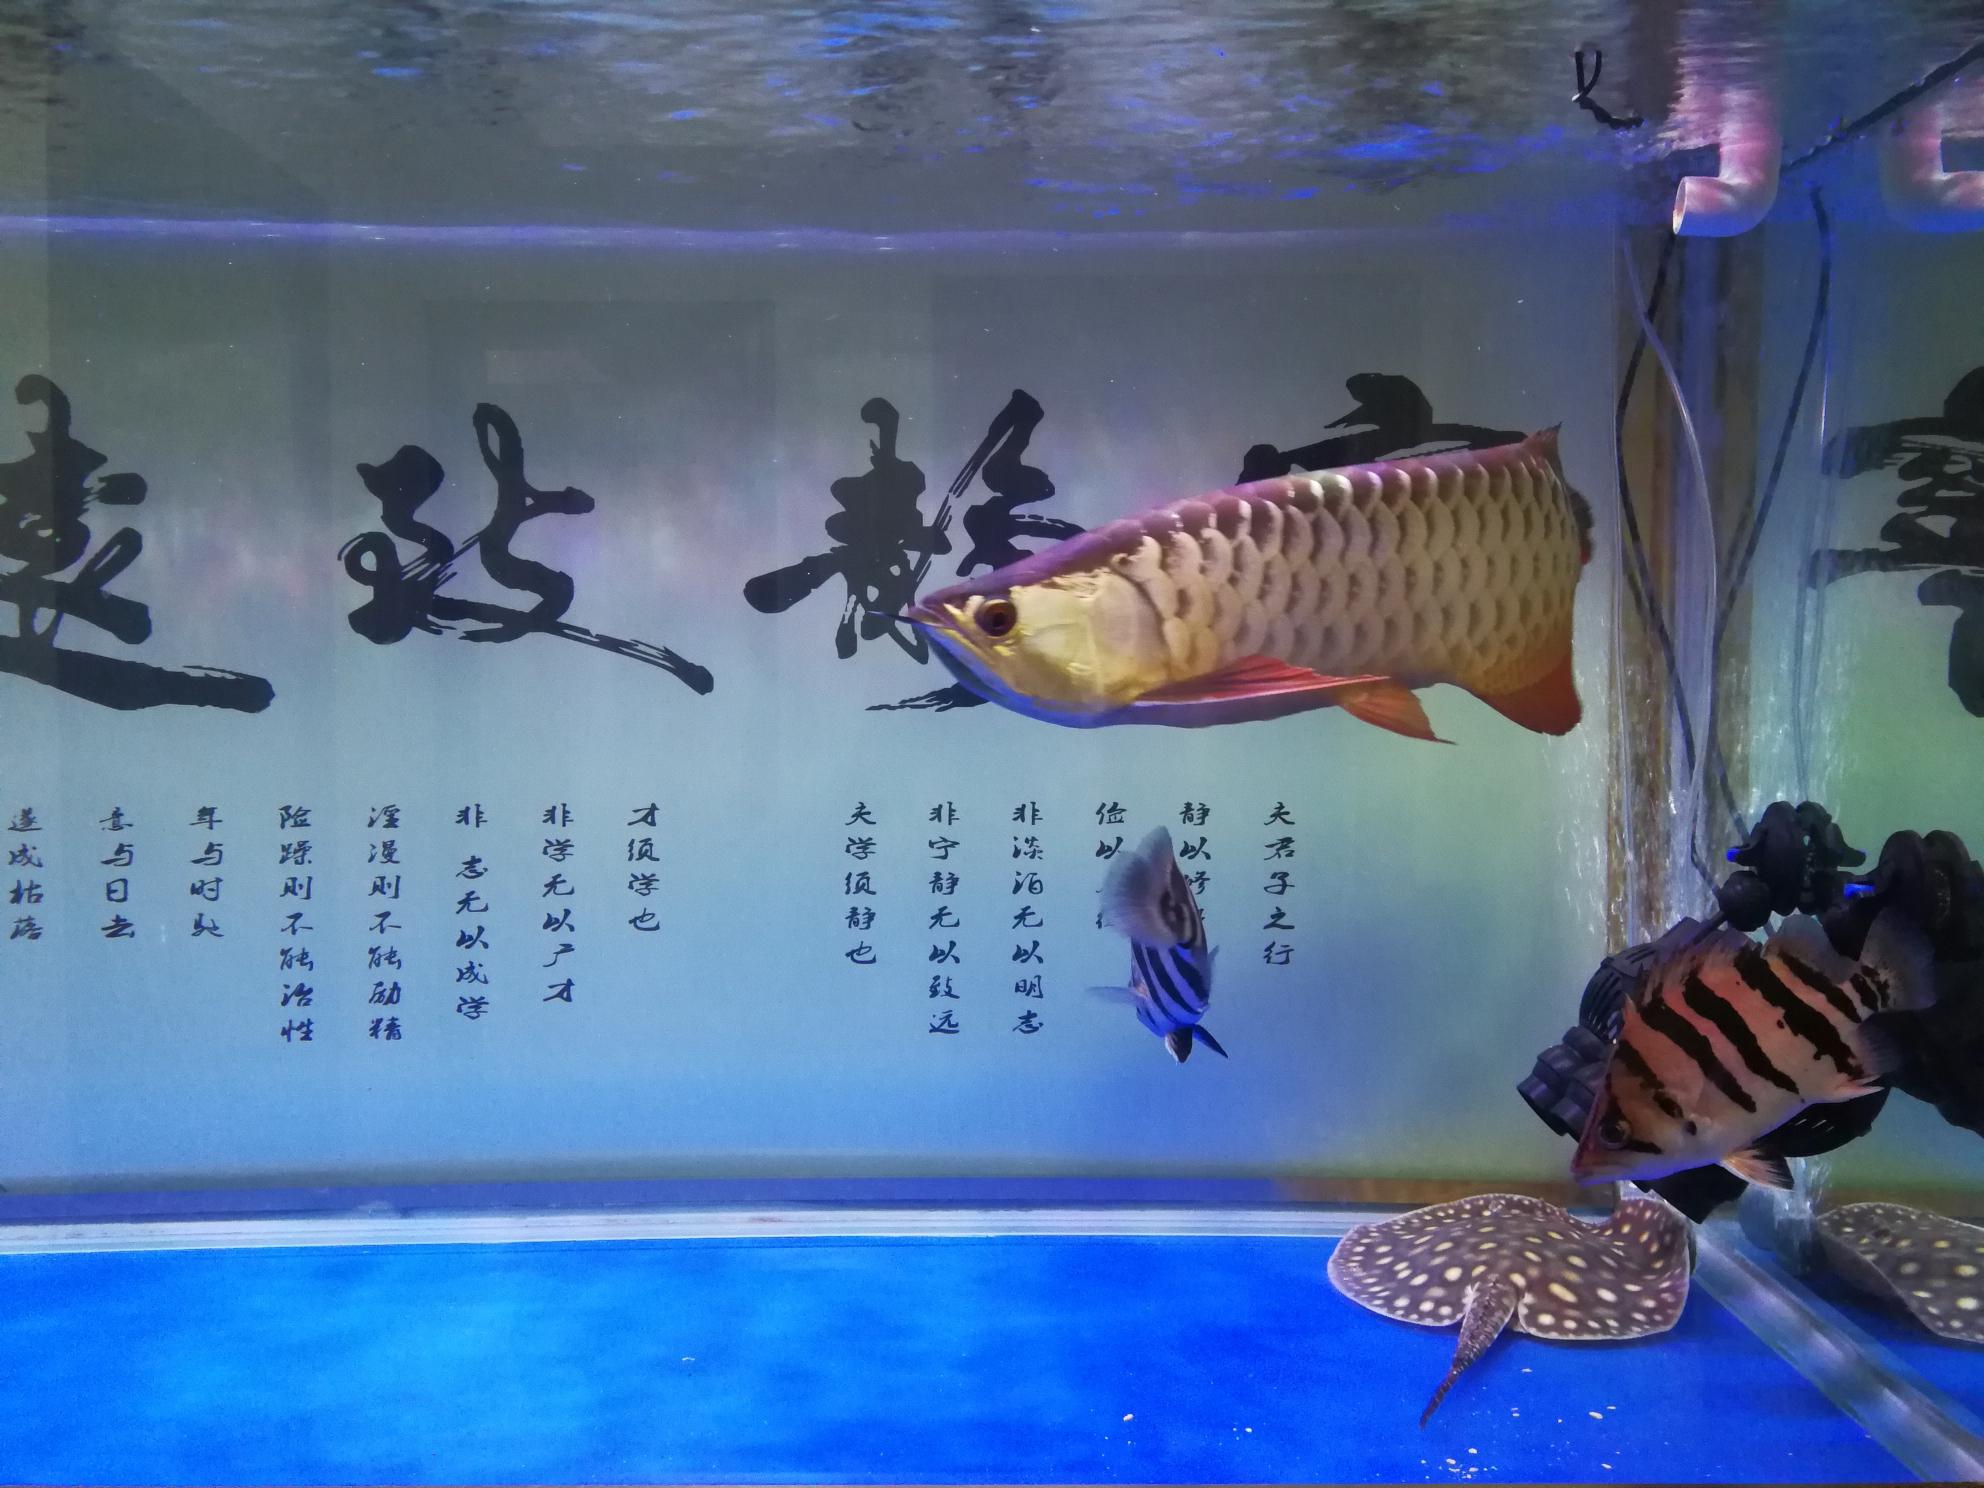 分享鱼的乐趣 延安龙鱼论坛 延安龙鱼第7张